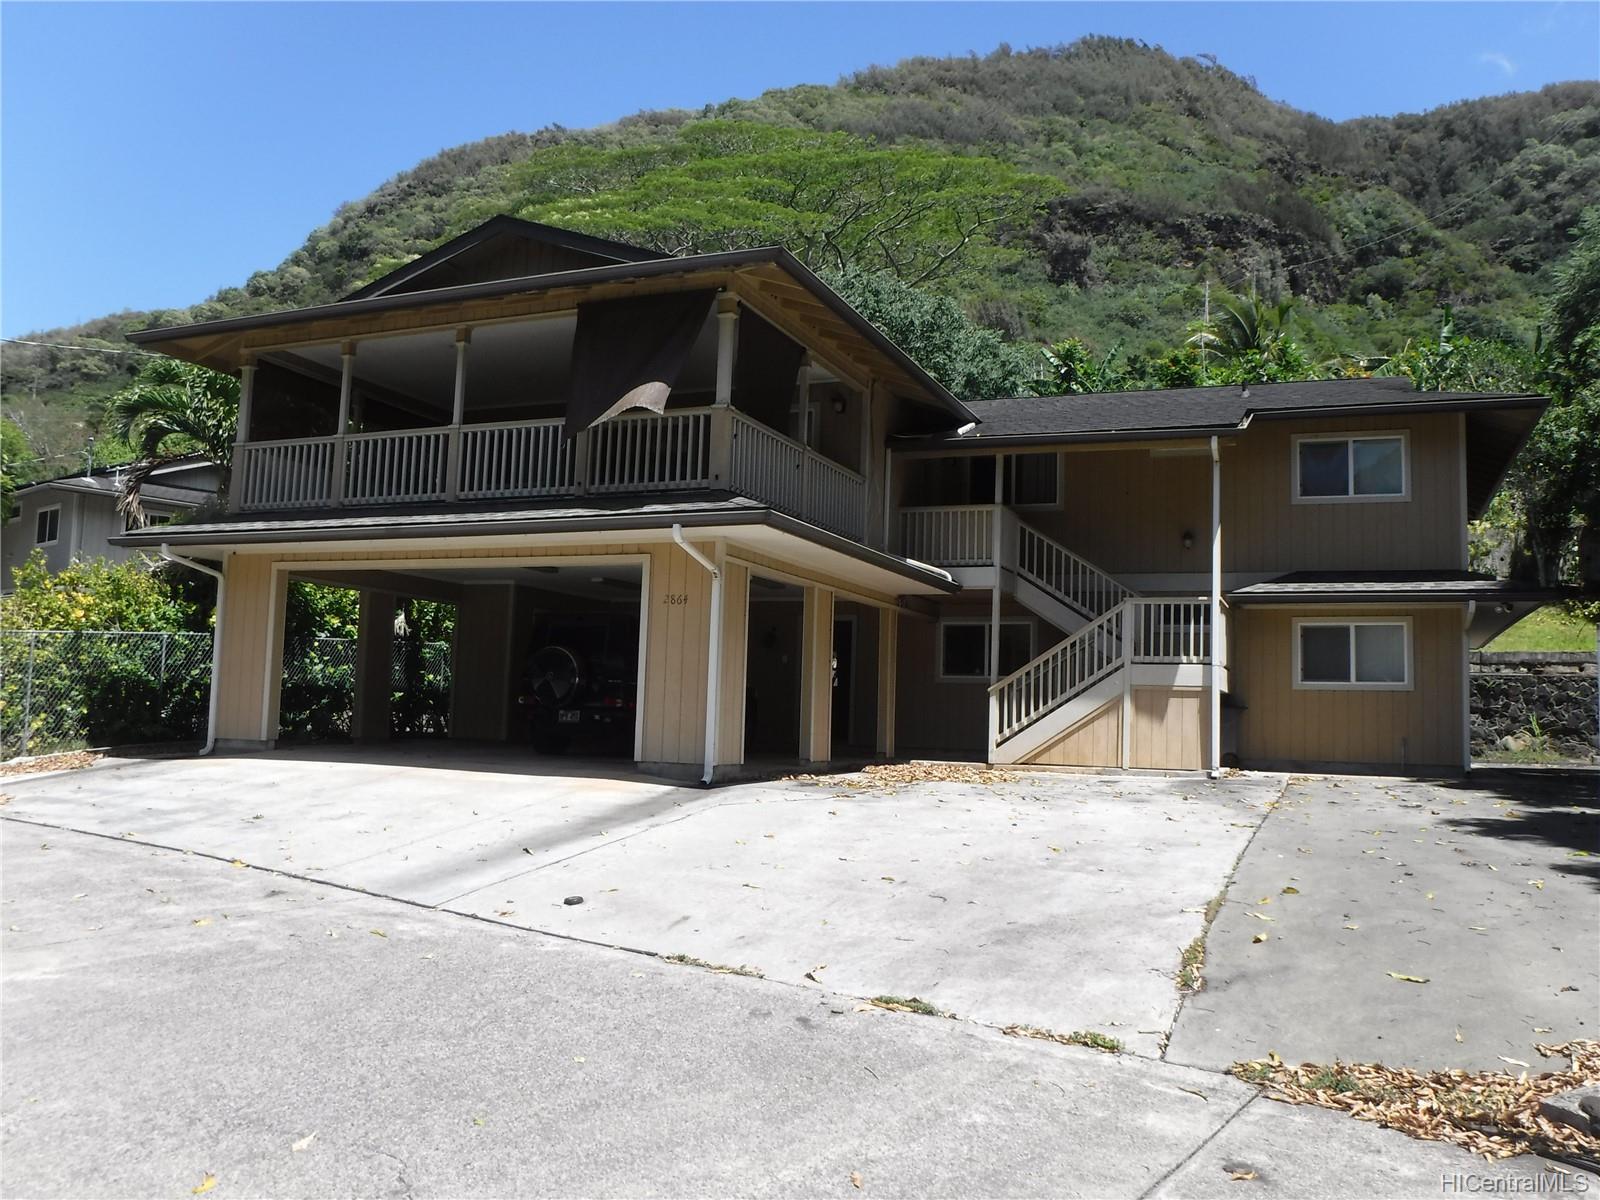 2866 Numana Road 2864 Honolulu Hi 96819   Kalihi Valley home 1600x1200